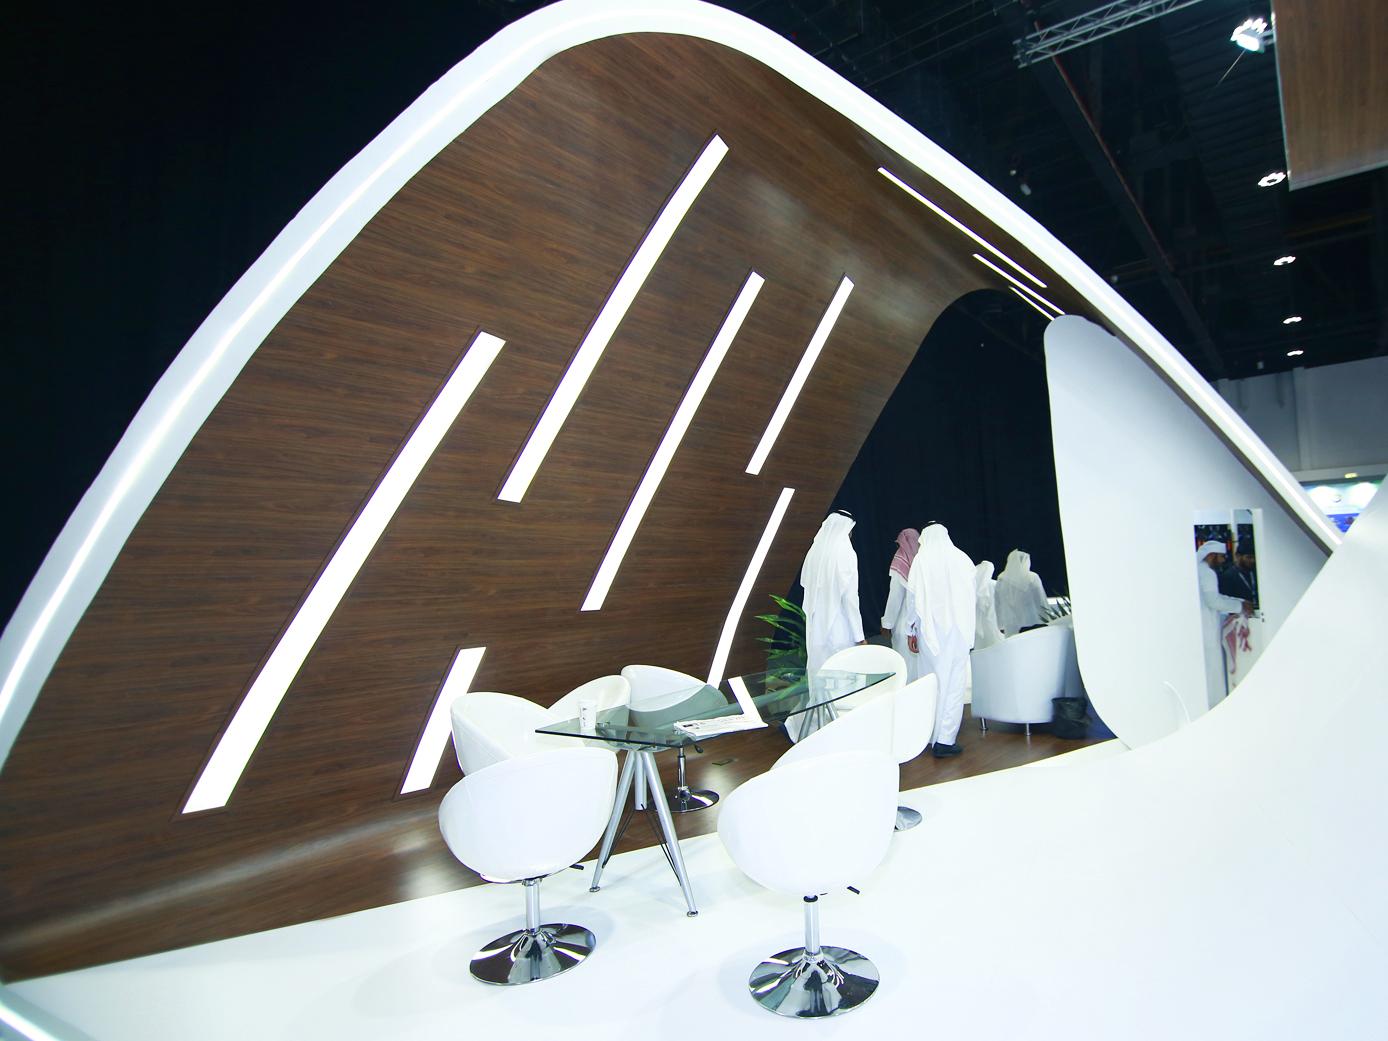 Виставковий стенд Міністерства транспорту Саудівськрї Аравії на виставці в Абу-Дабі